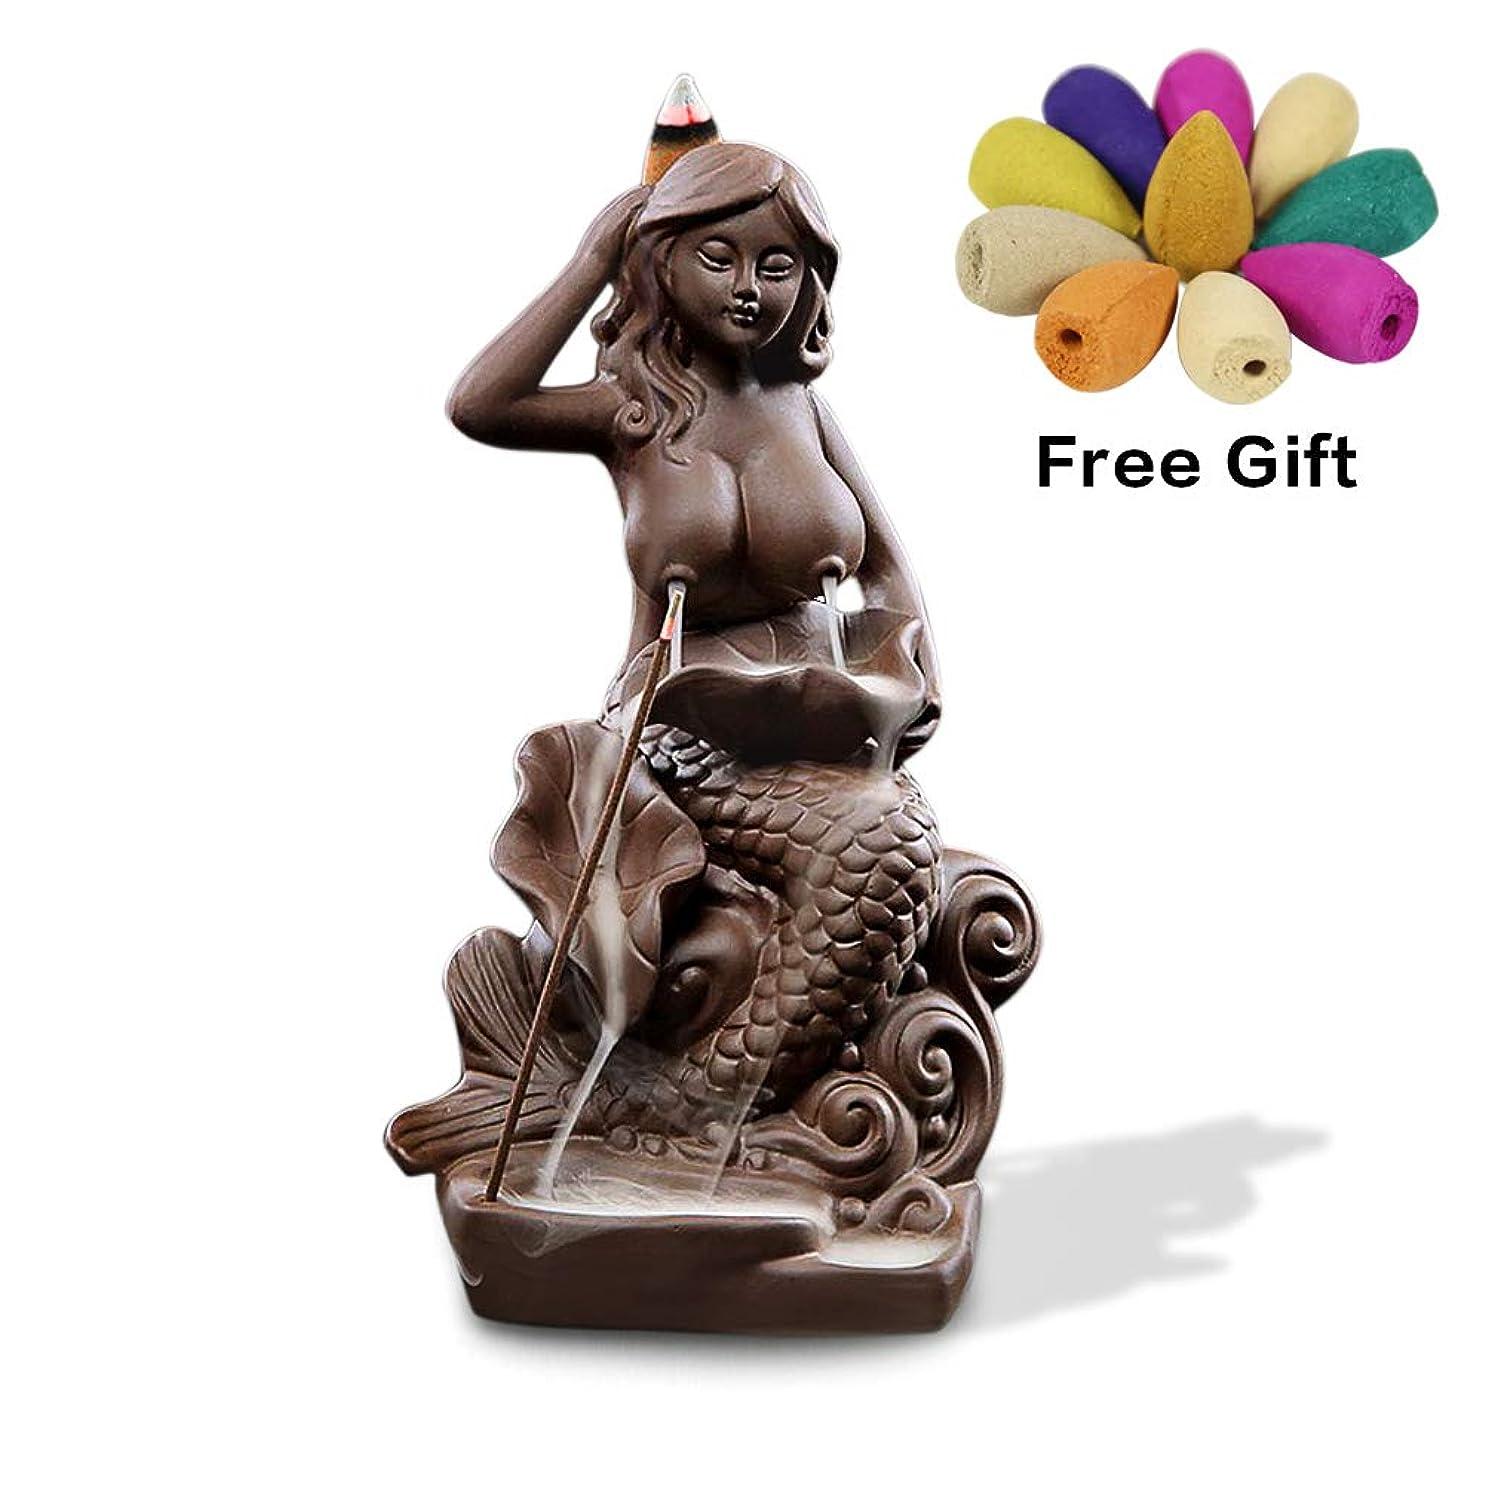 誇張する引用お願いします(Style9) - OTOFY Mermaid Ceramic Incense Holder Backflow Incense Burner with 10 Incense Cones Artwork Home Decor Figurine Aromatherapy Sculptures Fantasy Gifts